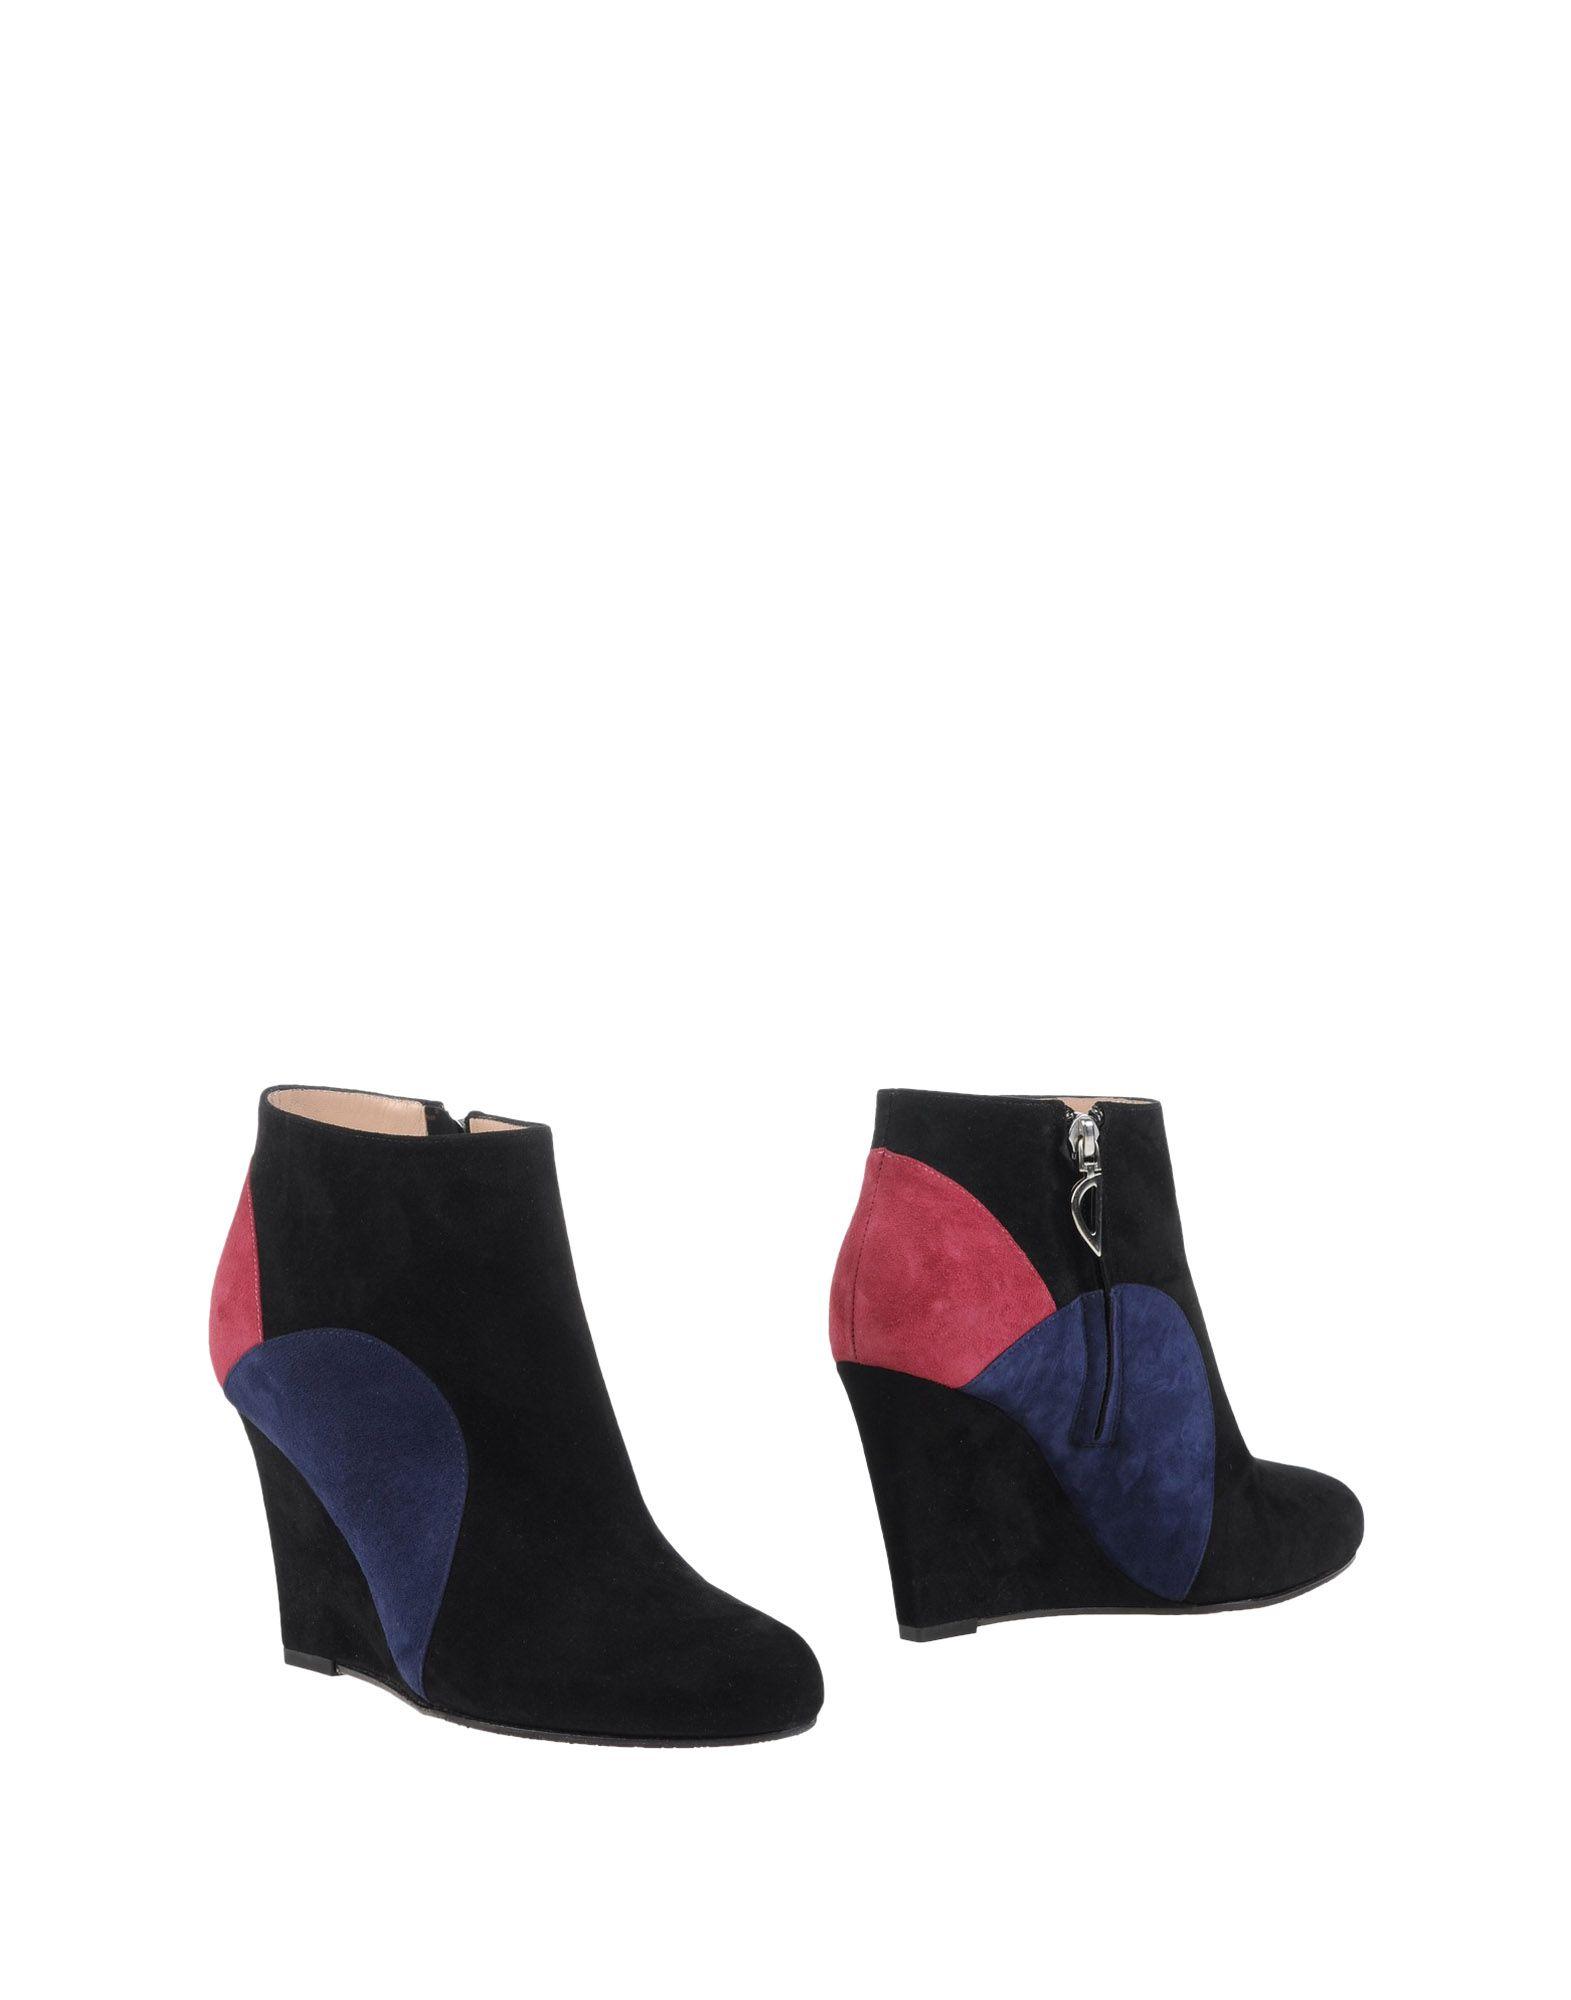 Rabatt Schuhe Dibrera By Paolo Zanoli Stiefelette Damen  11074911VB